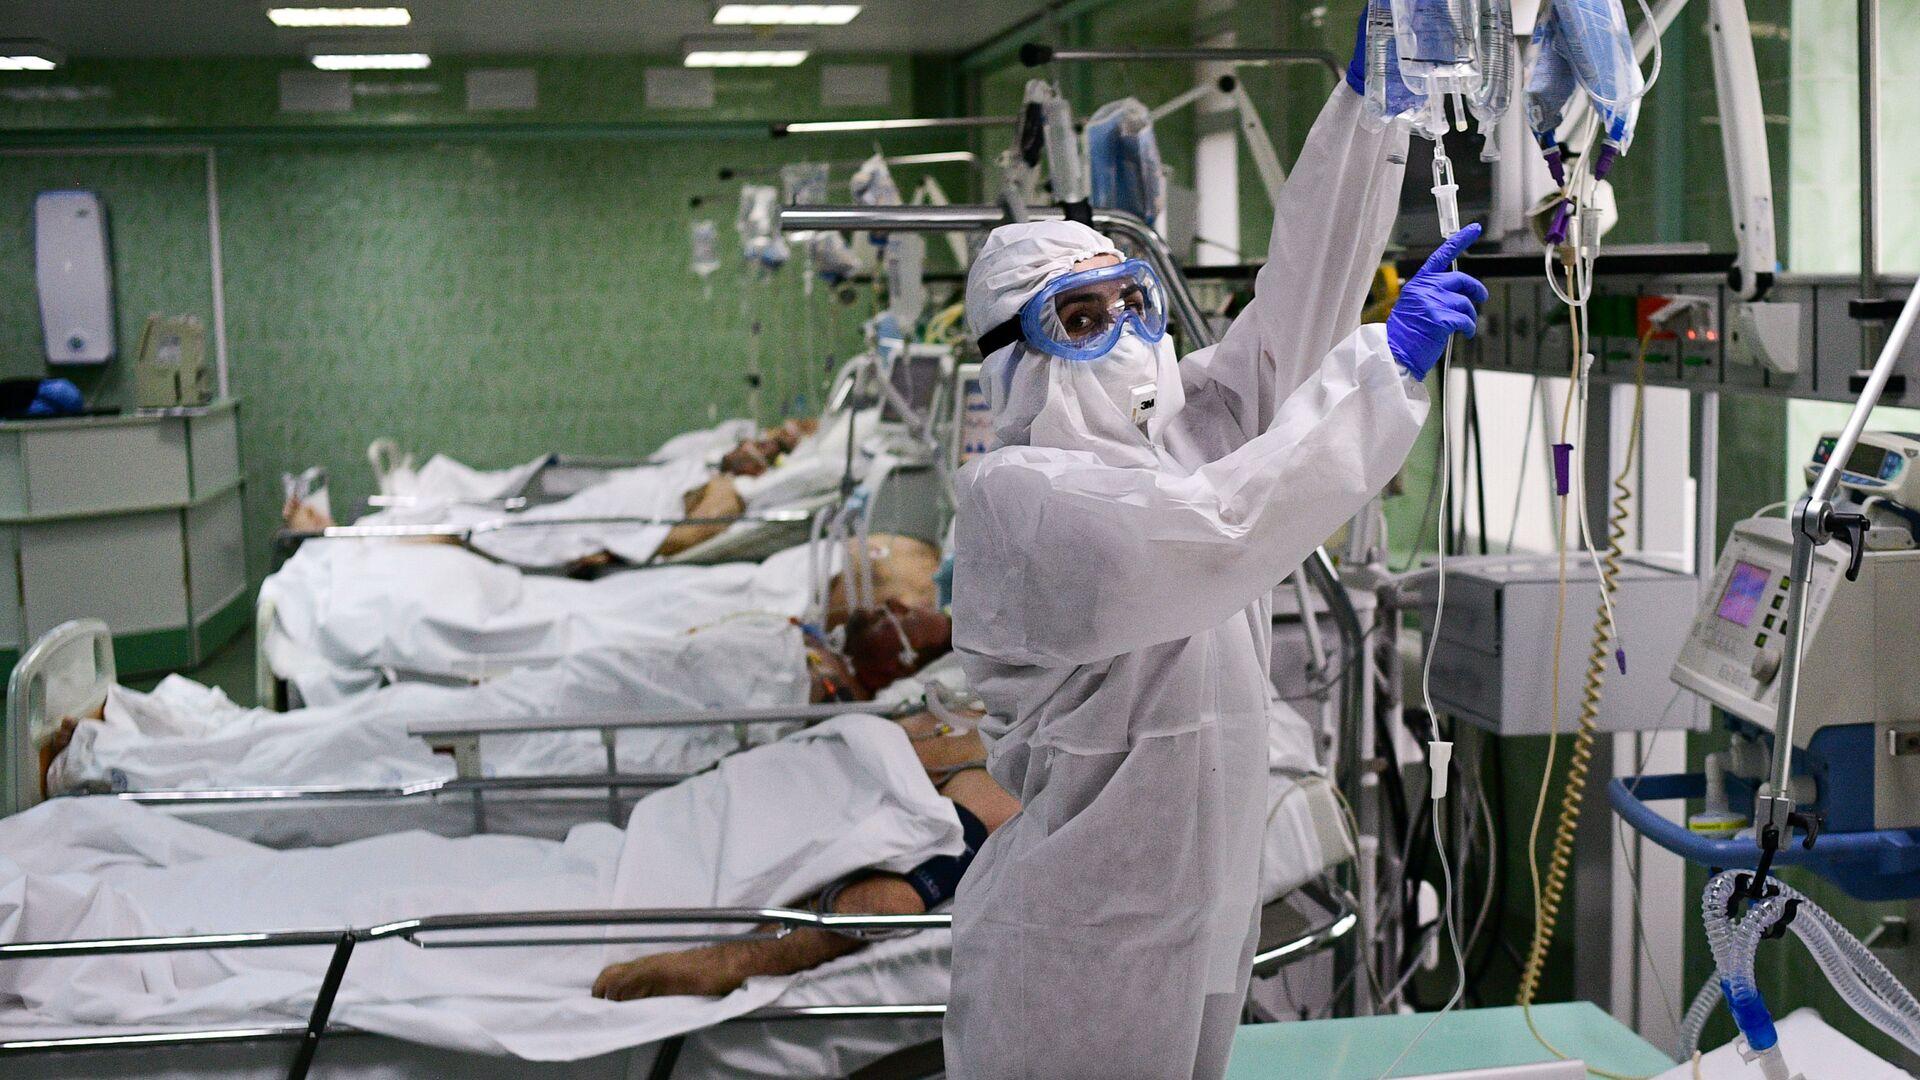 Врач и пациенты в отделении для лечения пациентов с  COVID-19 - Sputnik Latvija, 1920, 05.08.2021